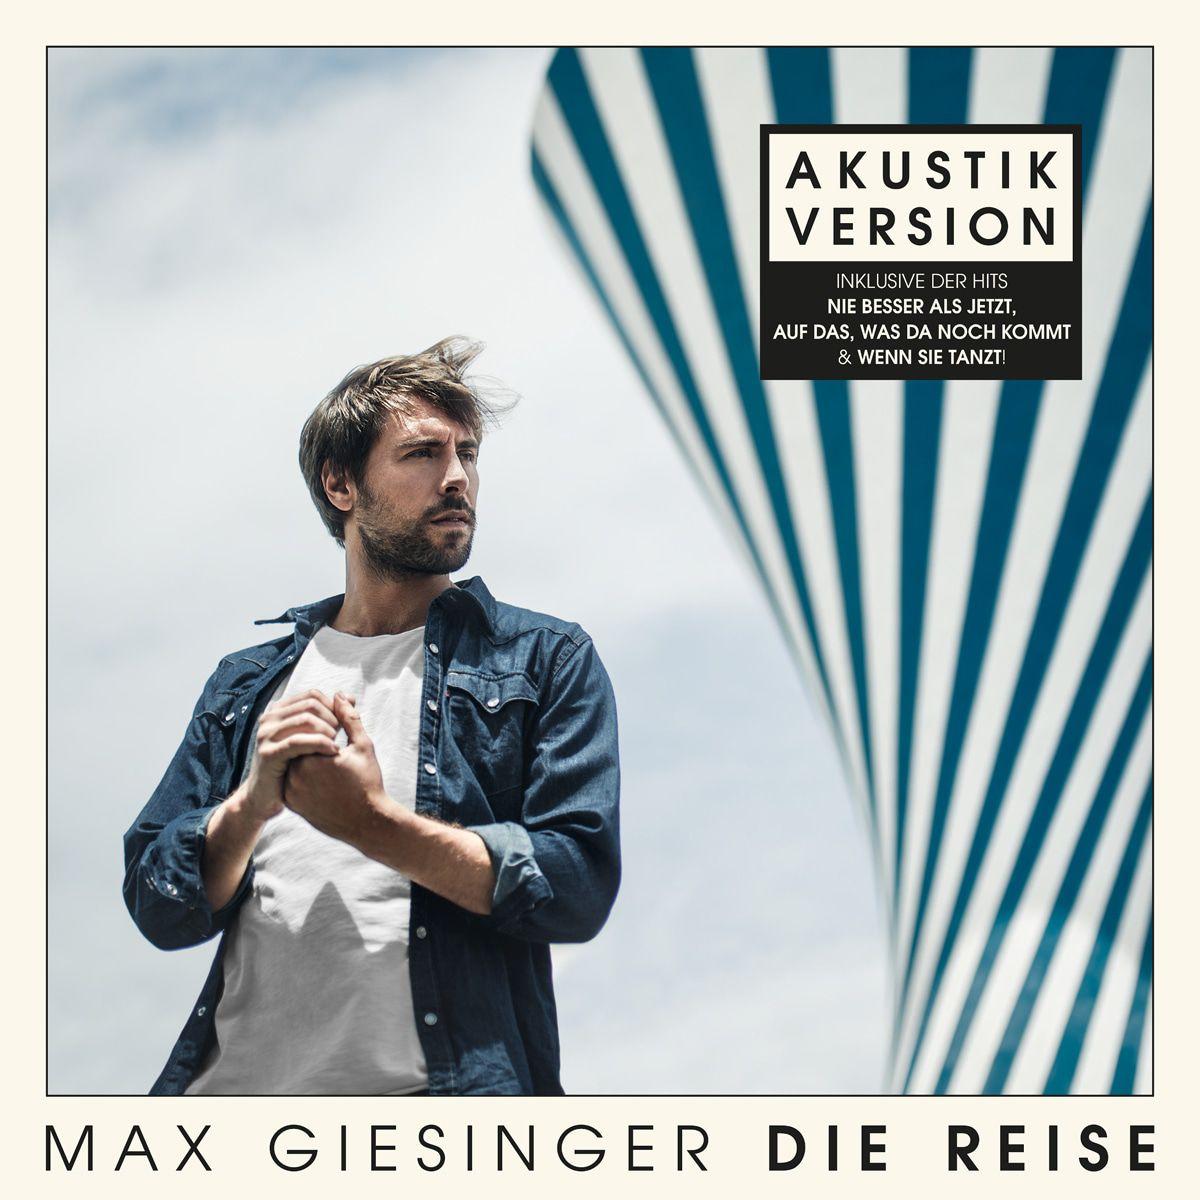 Max Giesinger hat Geburtstag: Vom Straßenmusiker zum Chartstümer